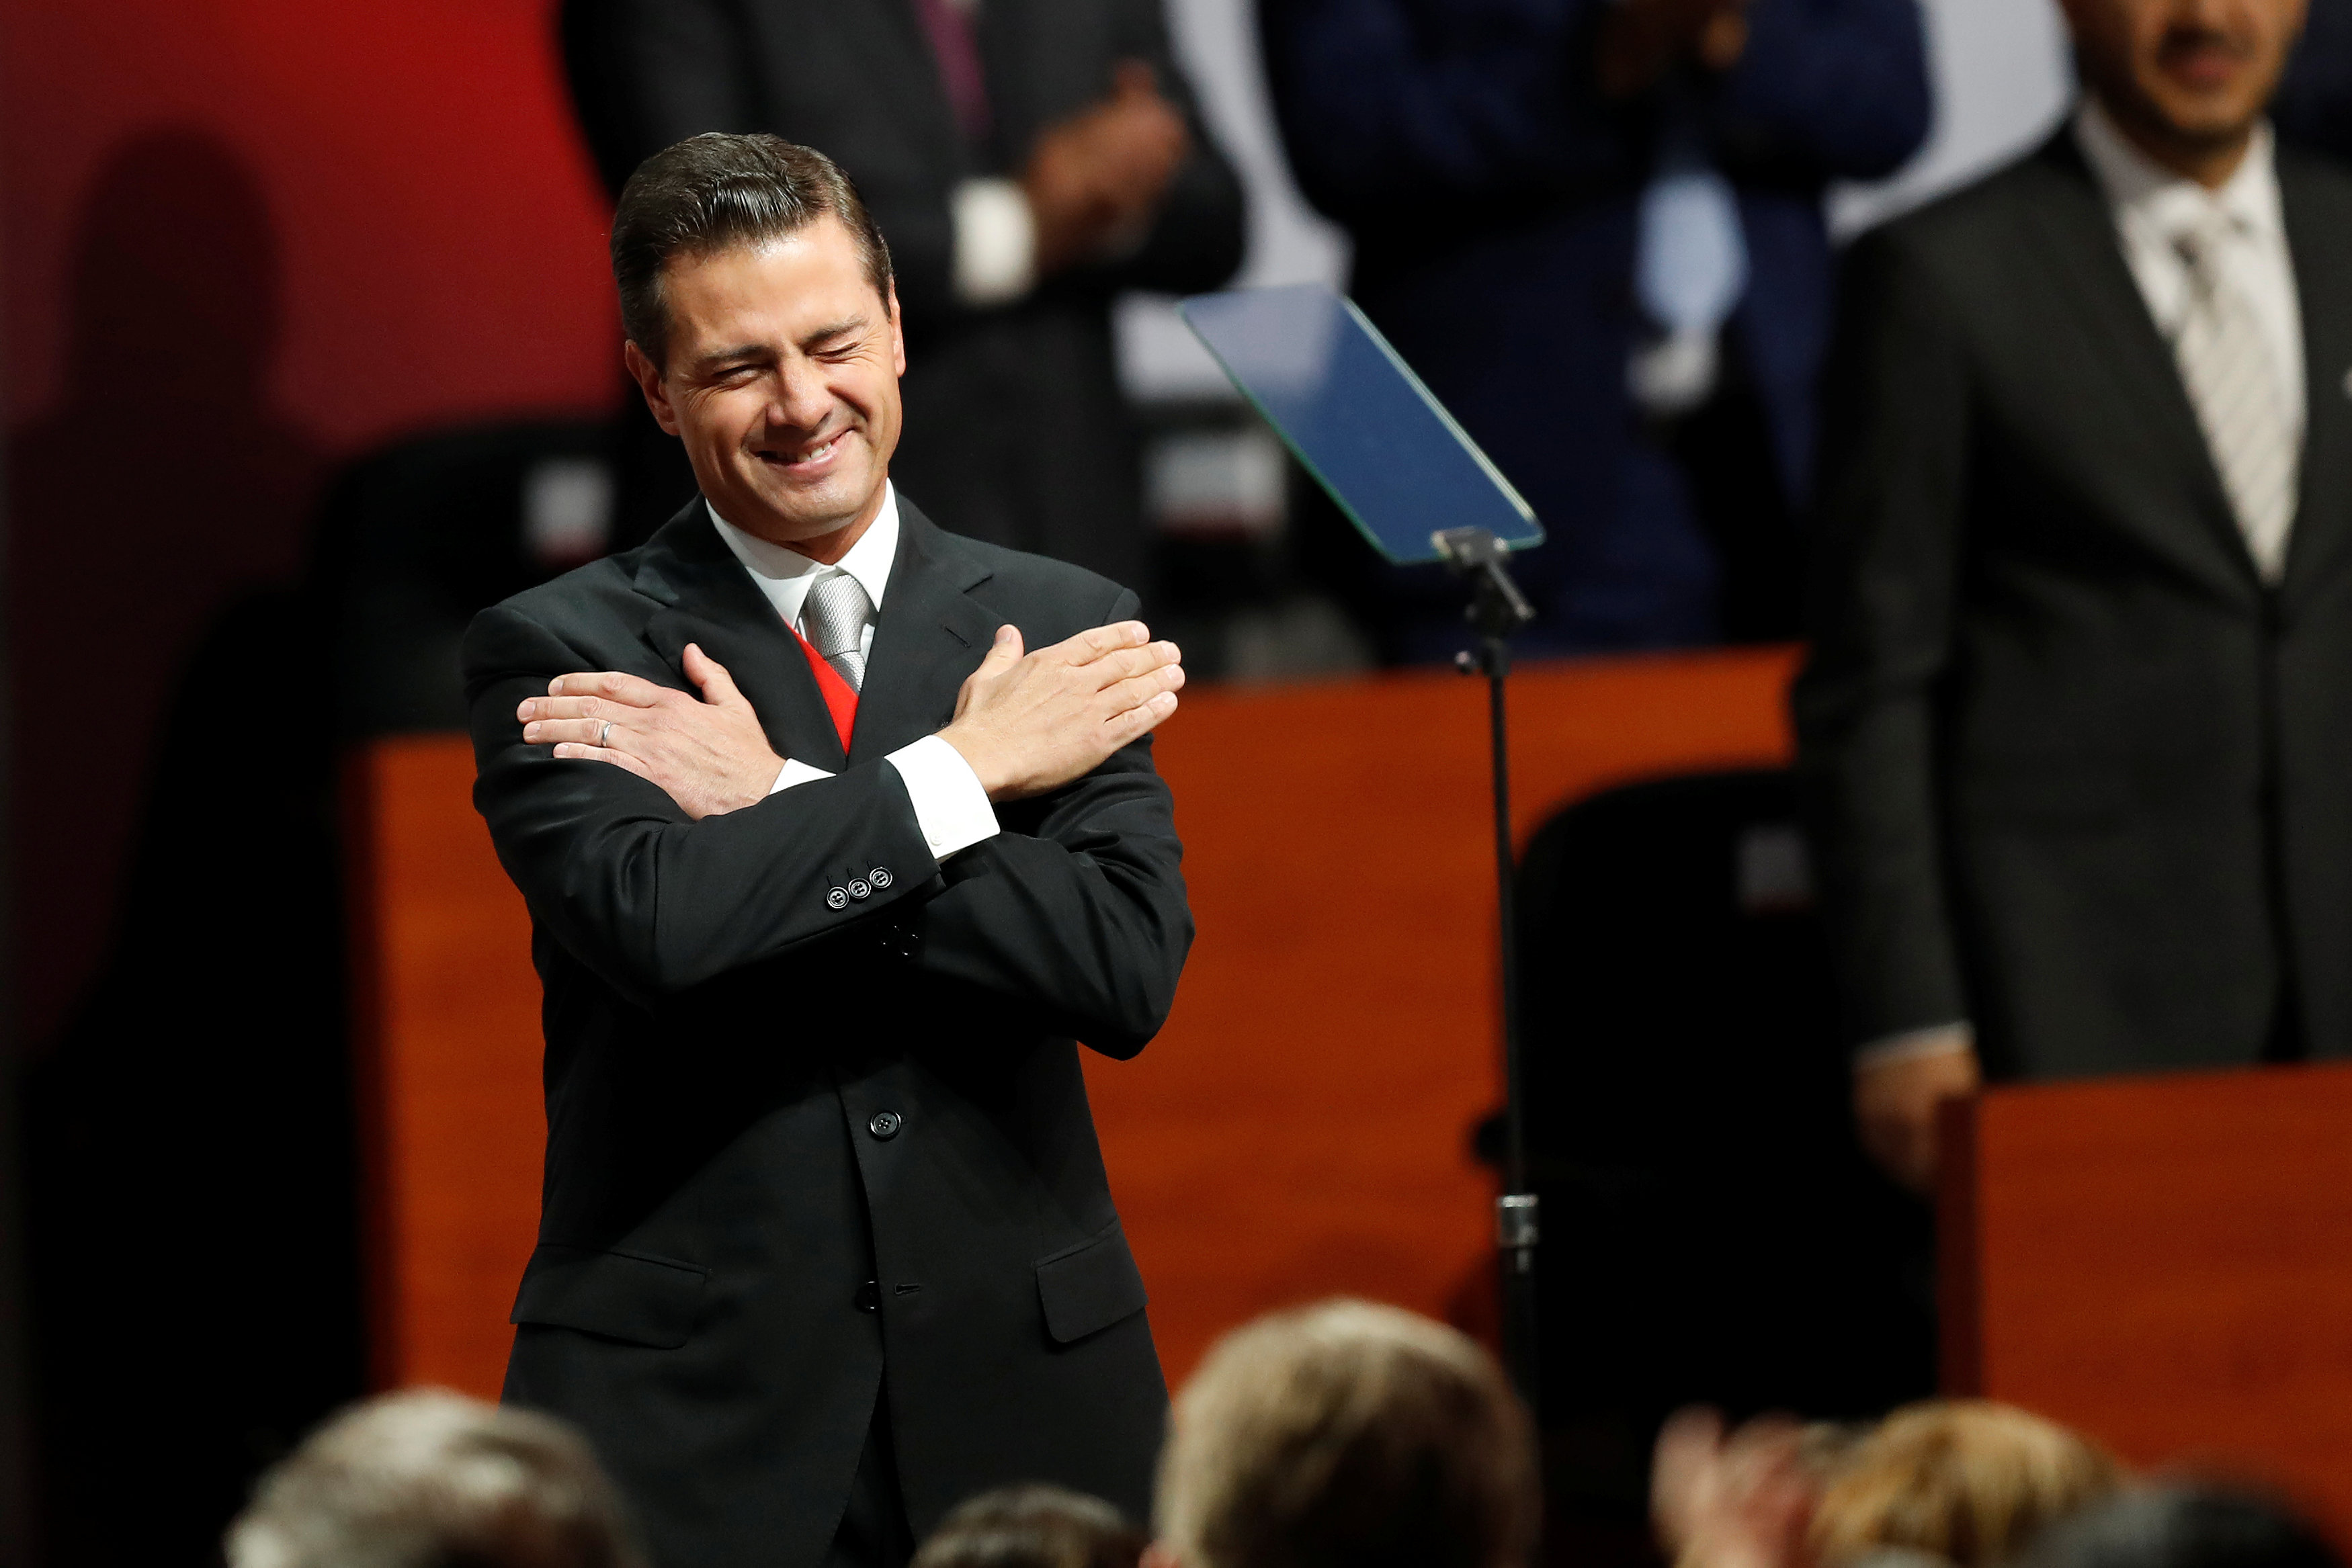 Peña Nieto entregará el poder el próximo sábado 1 de diciembre. (Foto: REUTERS/Carlos Jasso)